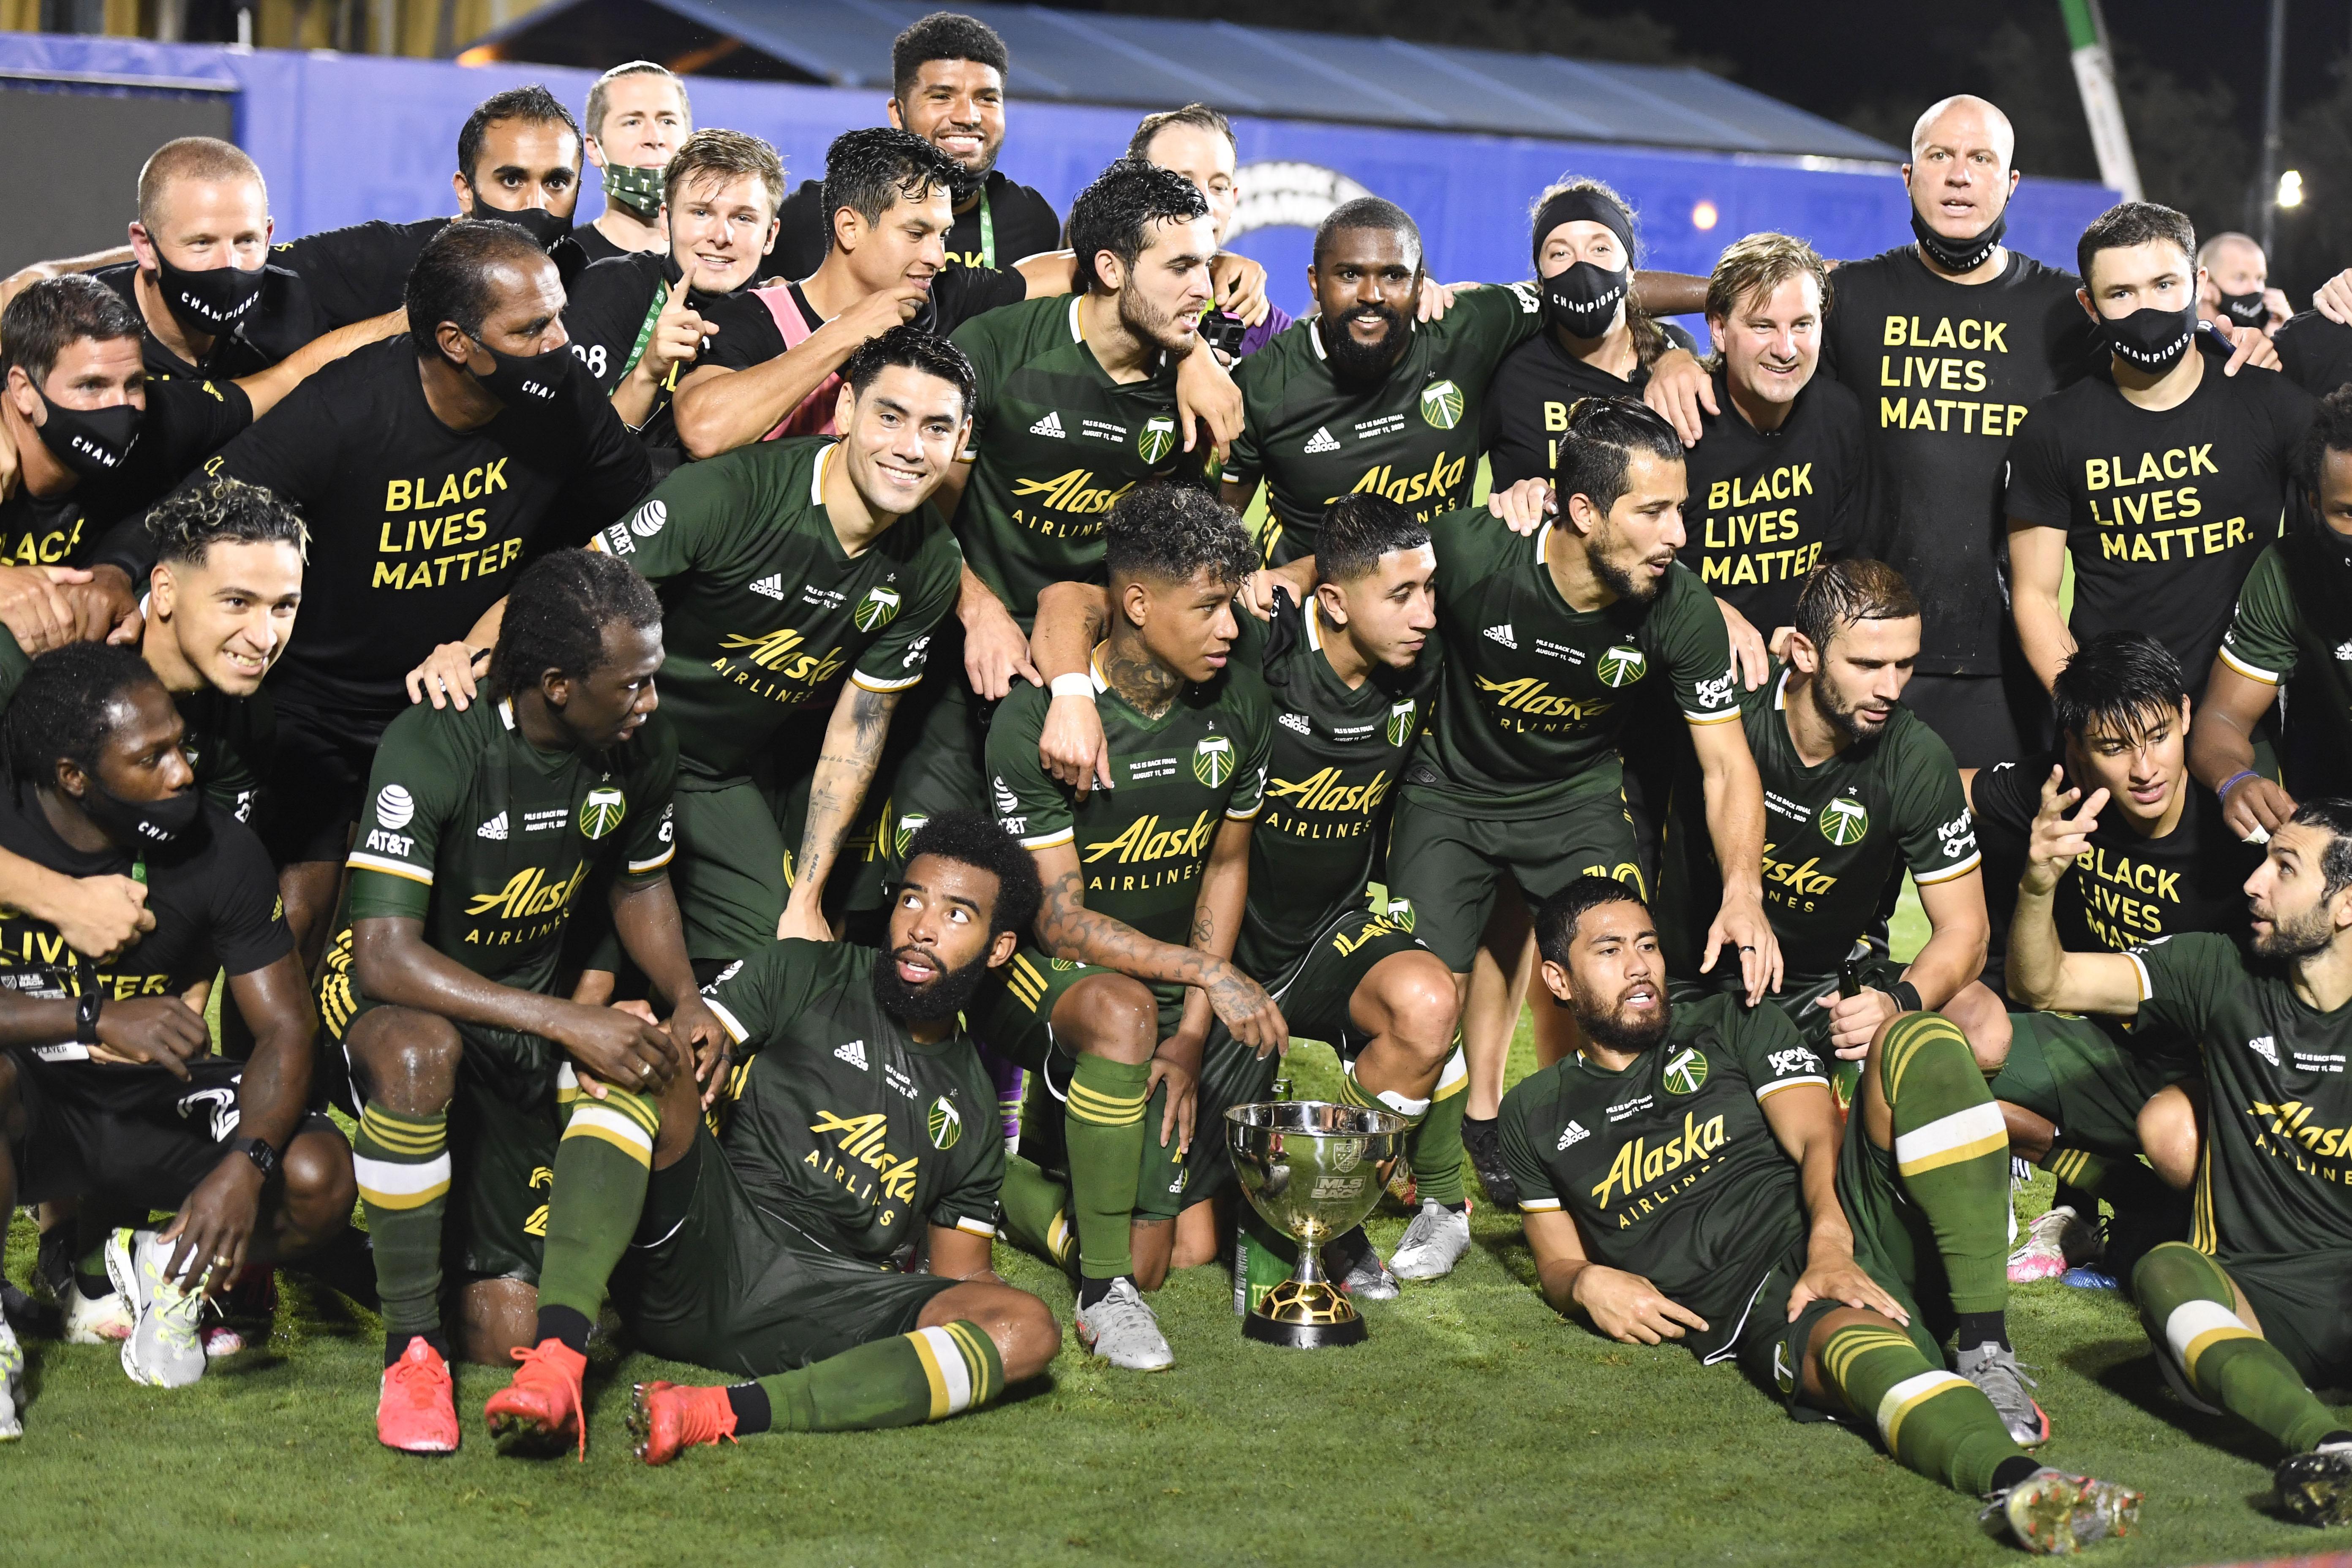 美国职业足球大联盟:美国职业足球大联盟终于回来了——奥兰多城SC主场迎战波特兰木材队